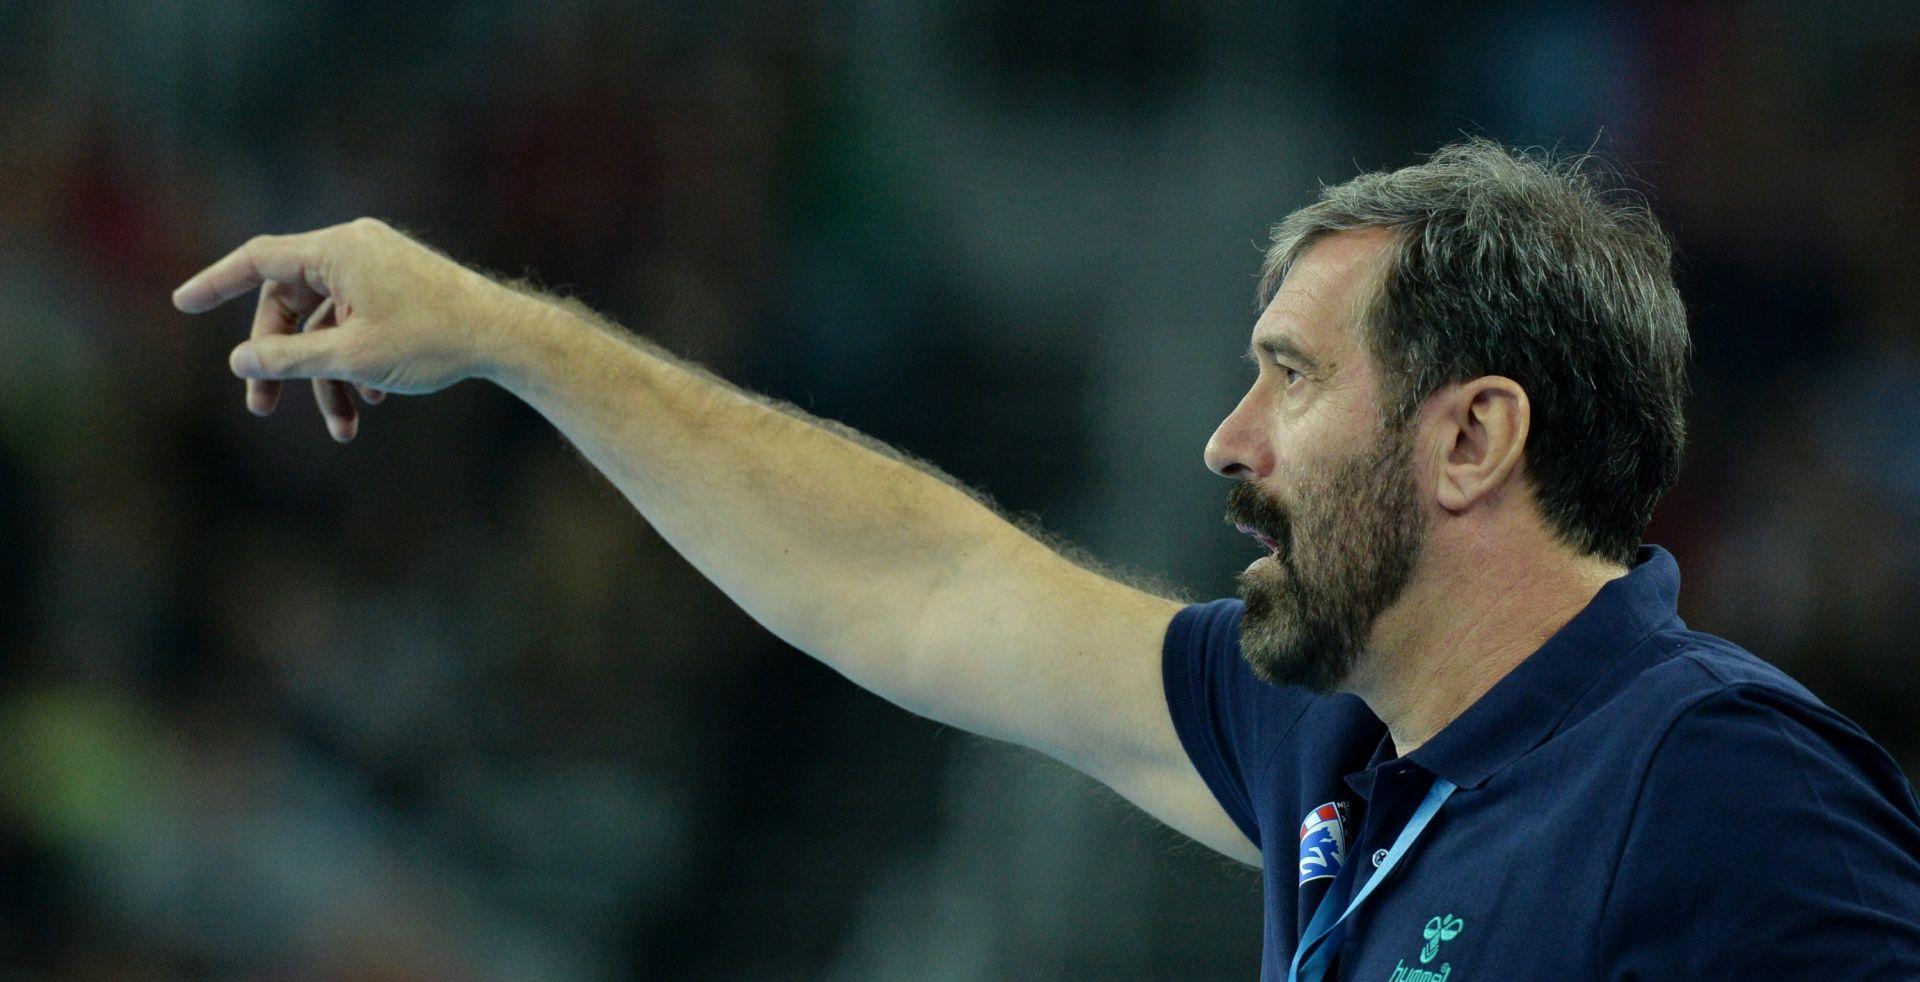 Vujović nezadovoljan rezultatom, a Serdarušić istaknuo da sa Zagrebom nije lako pred 15.000 navijača